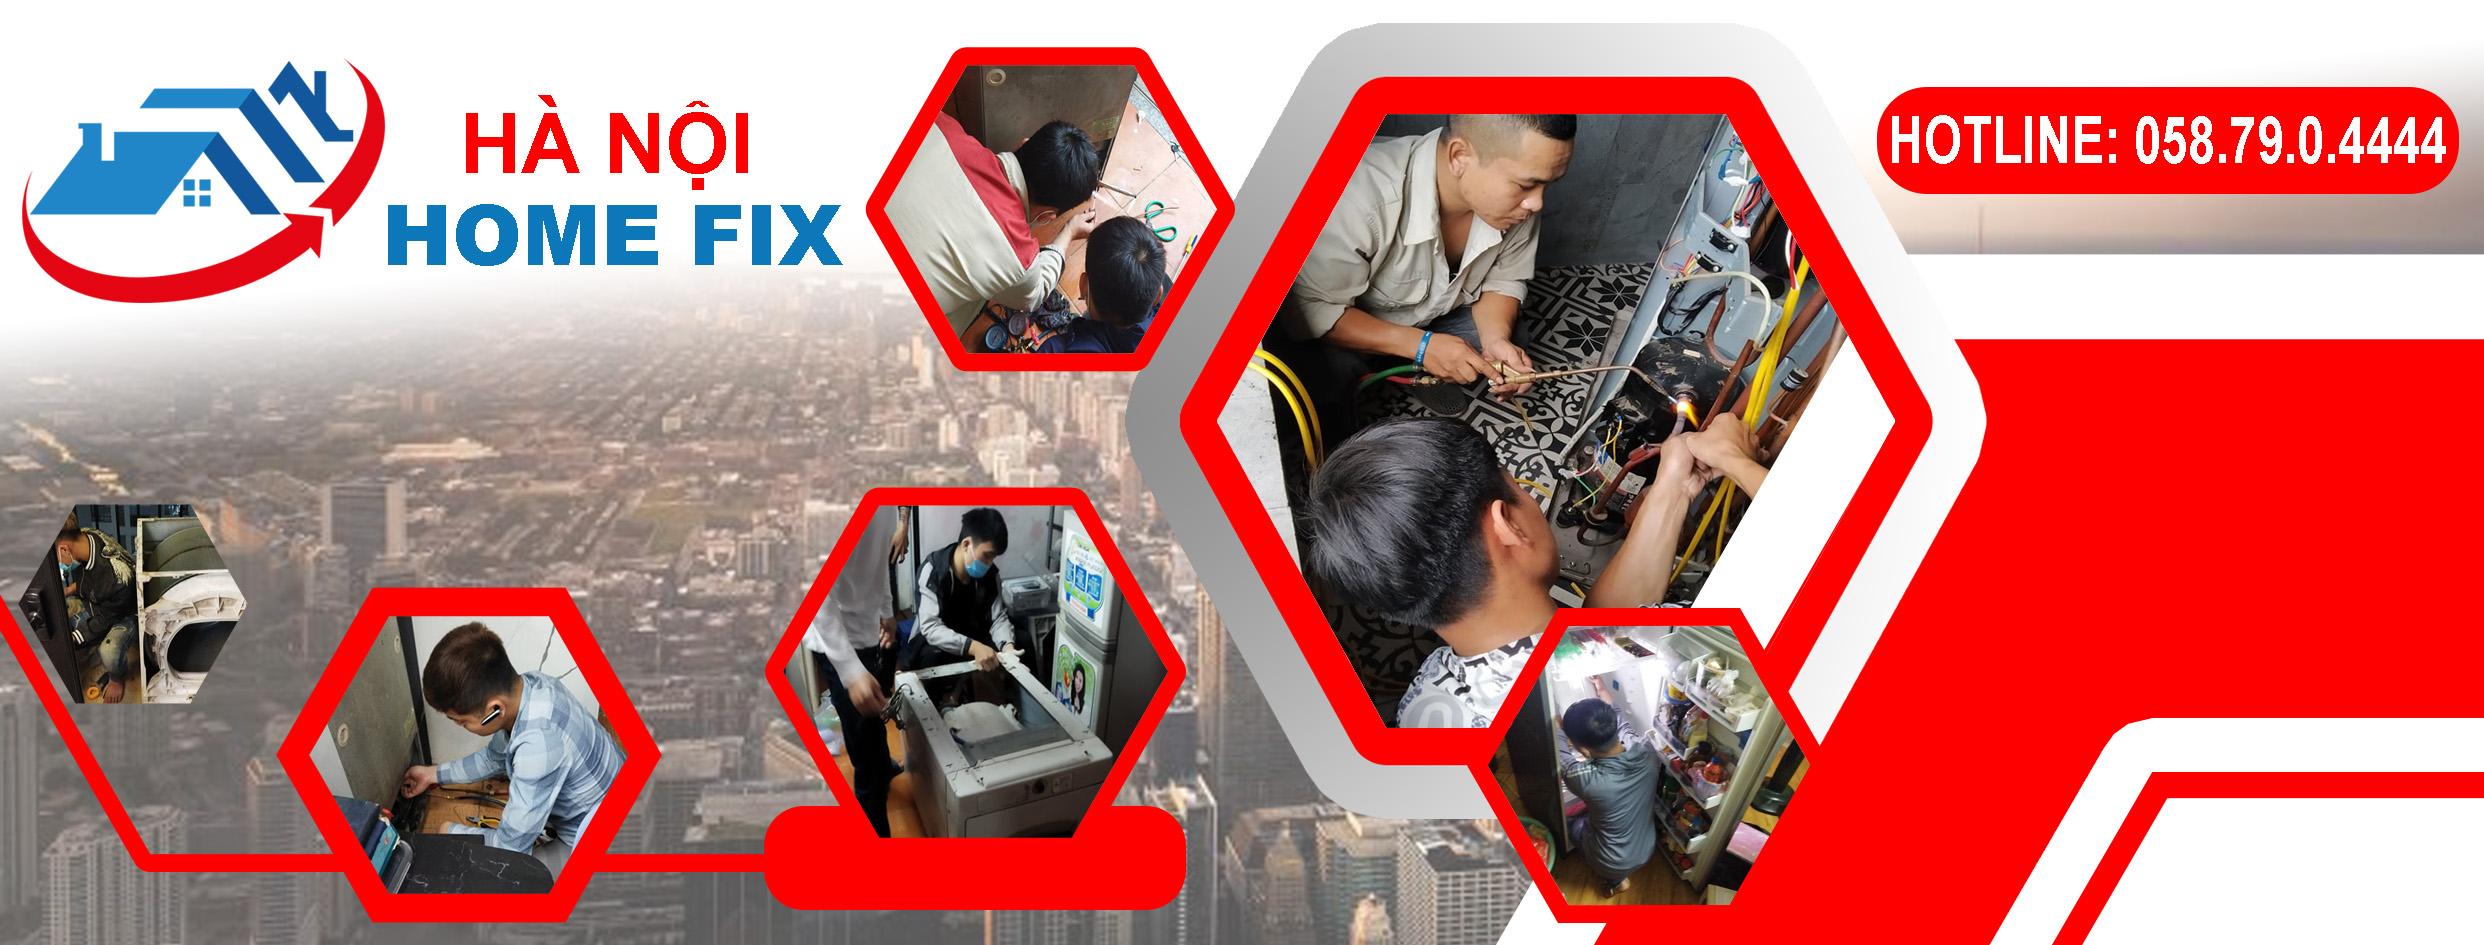 Hà Nội Home Fix